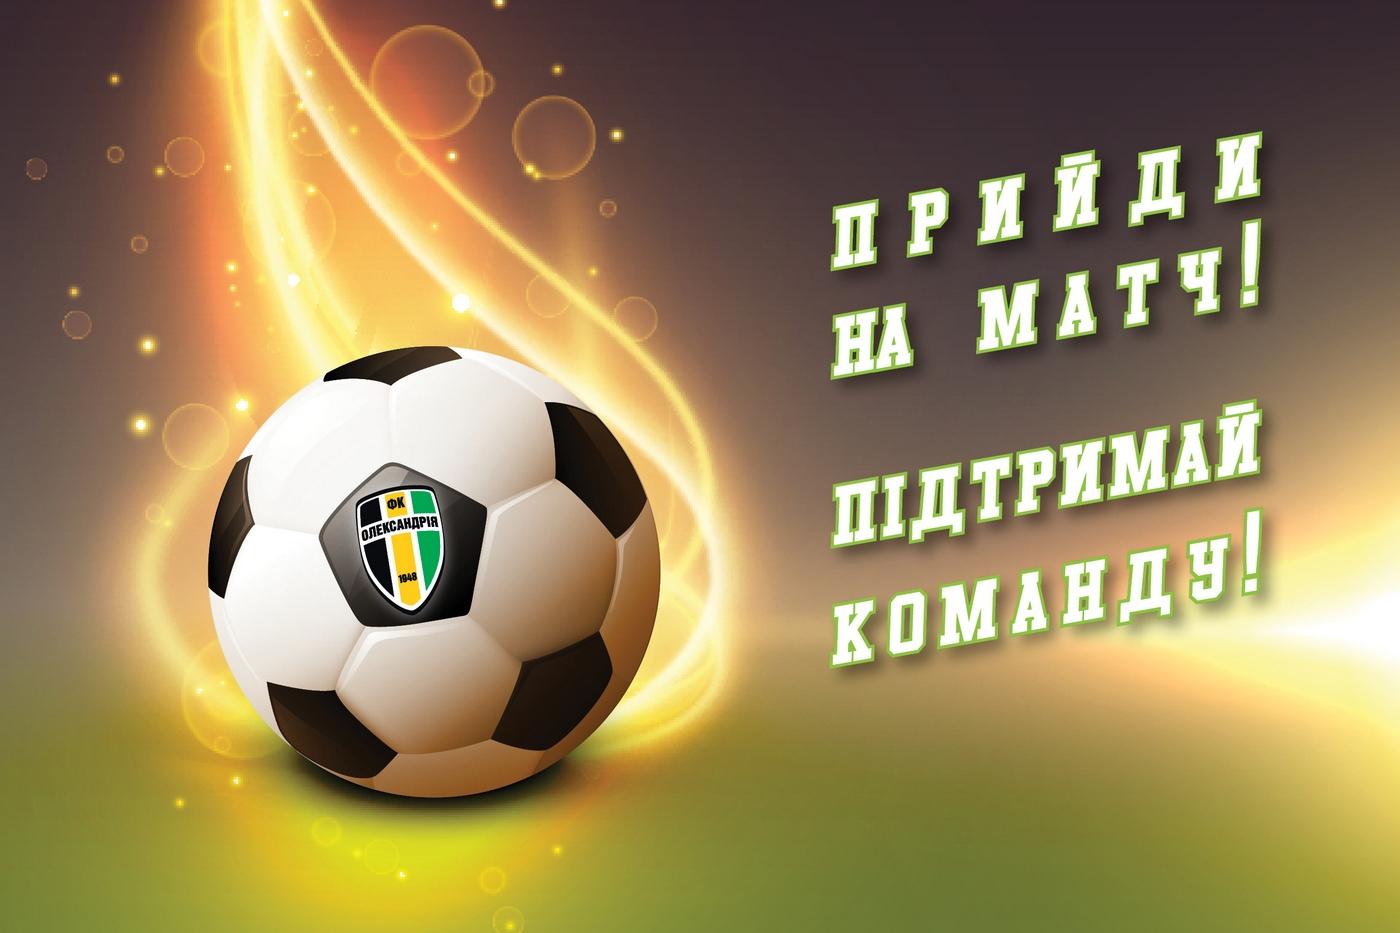 Продаж квитків на матч ФК «Олександрія» – ФК «Зірка»